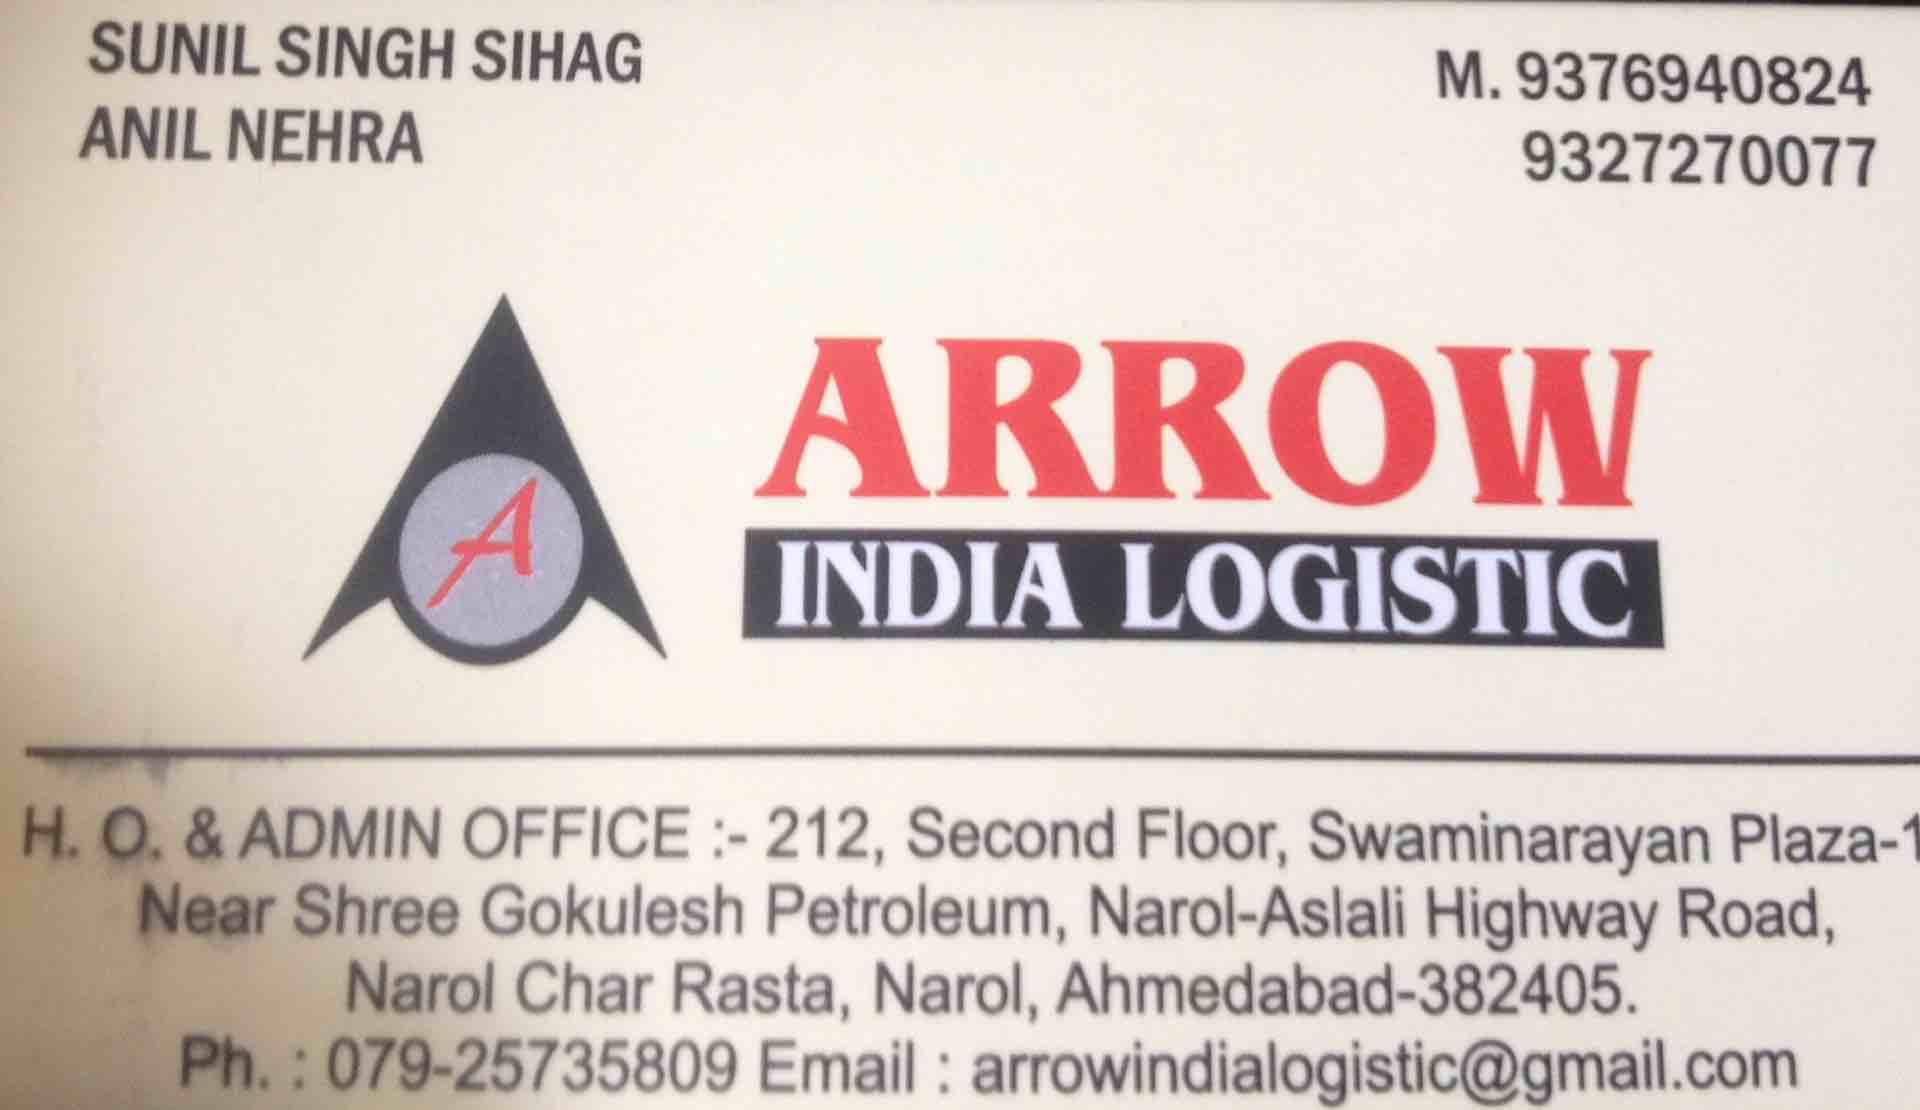 Arrow India Logistic